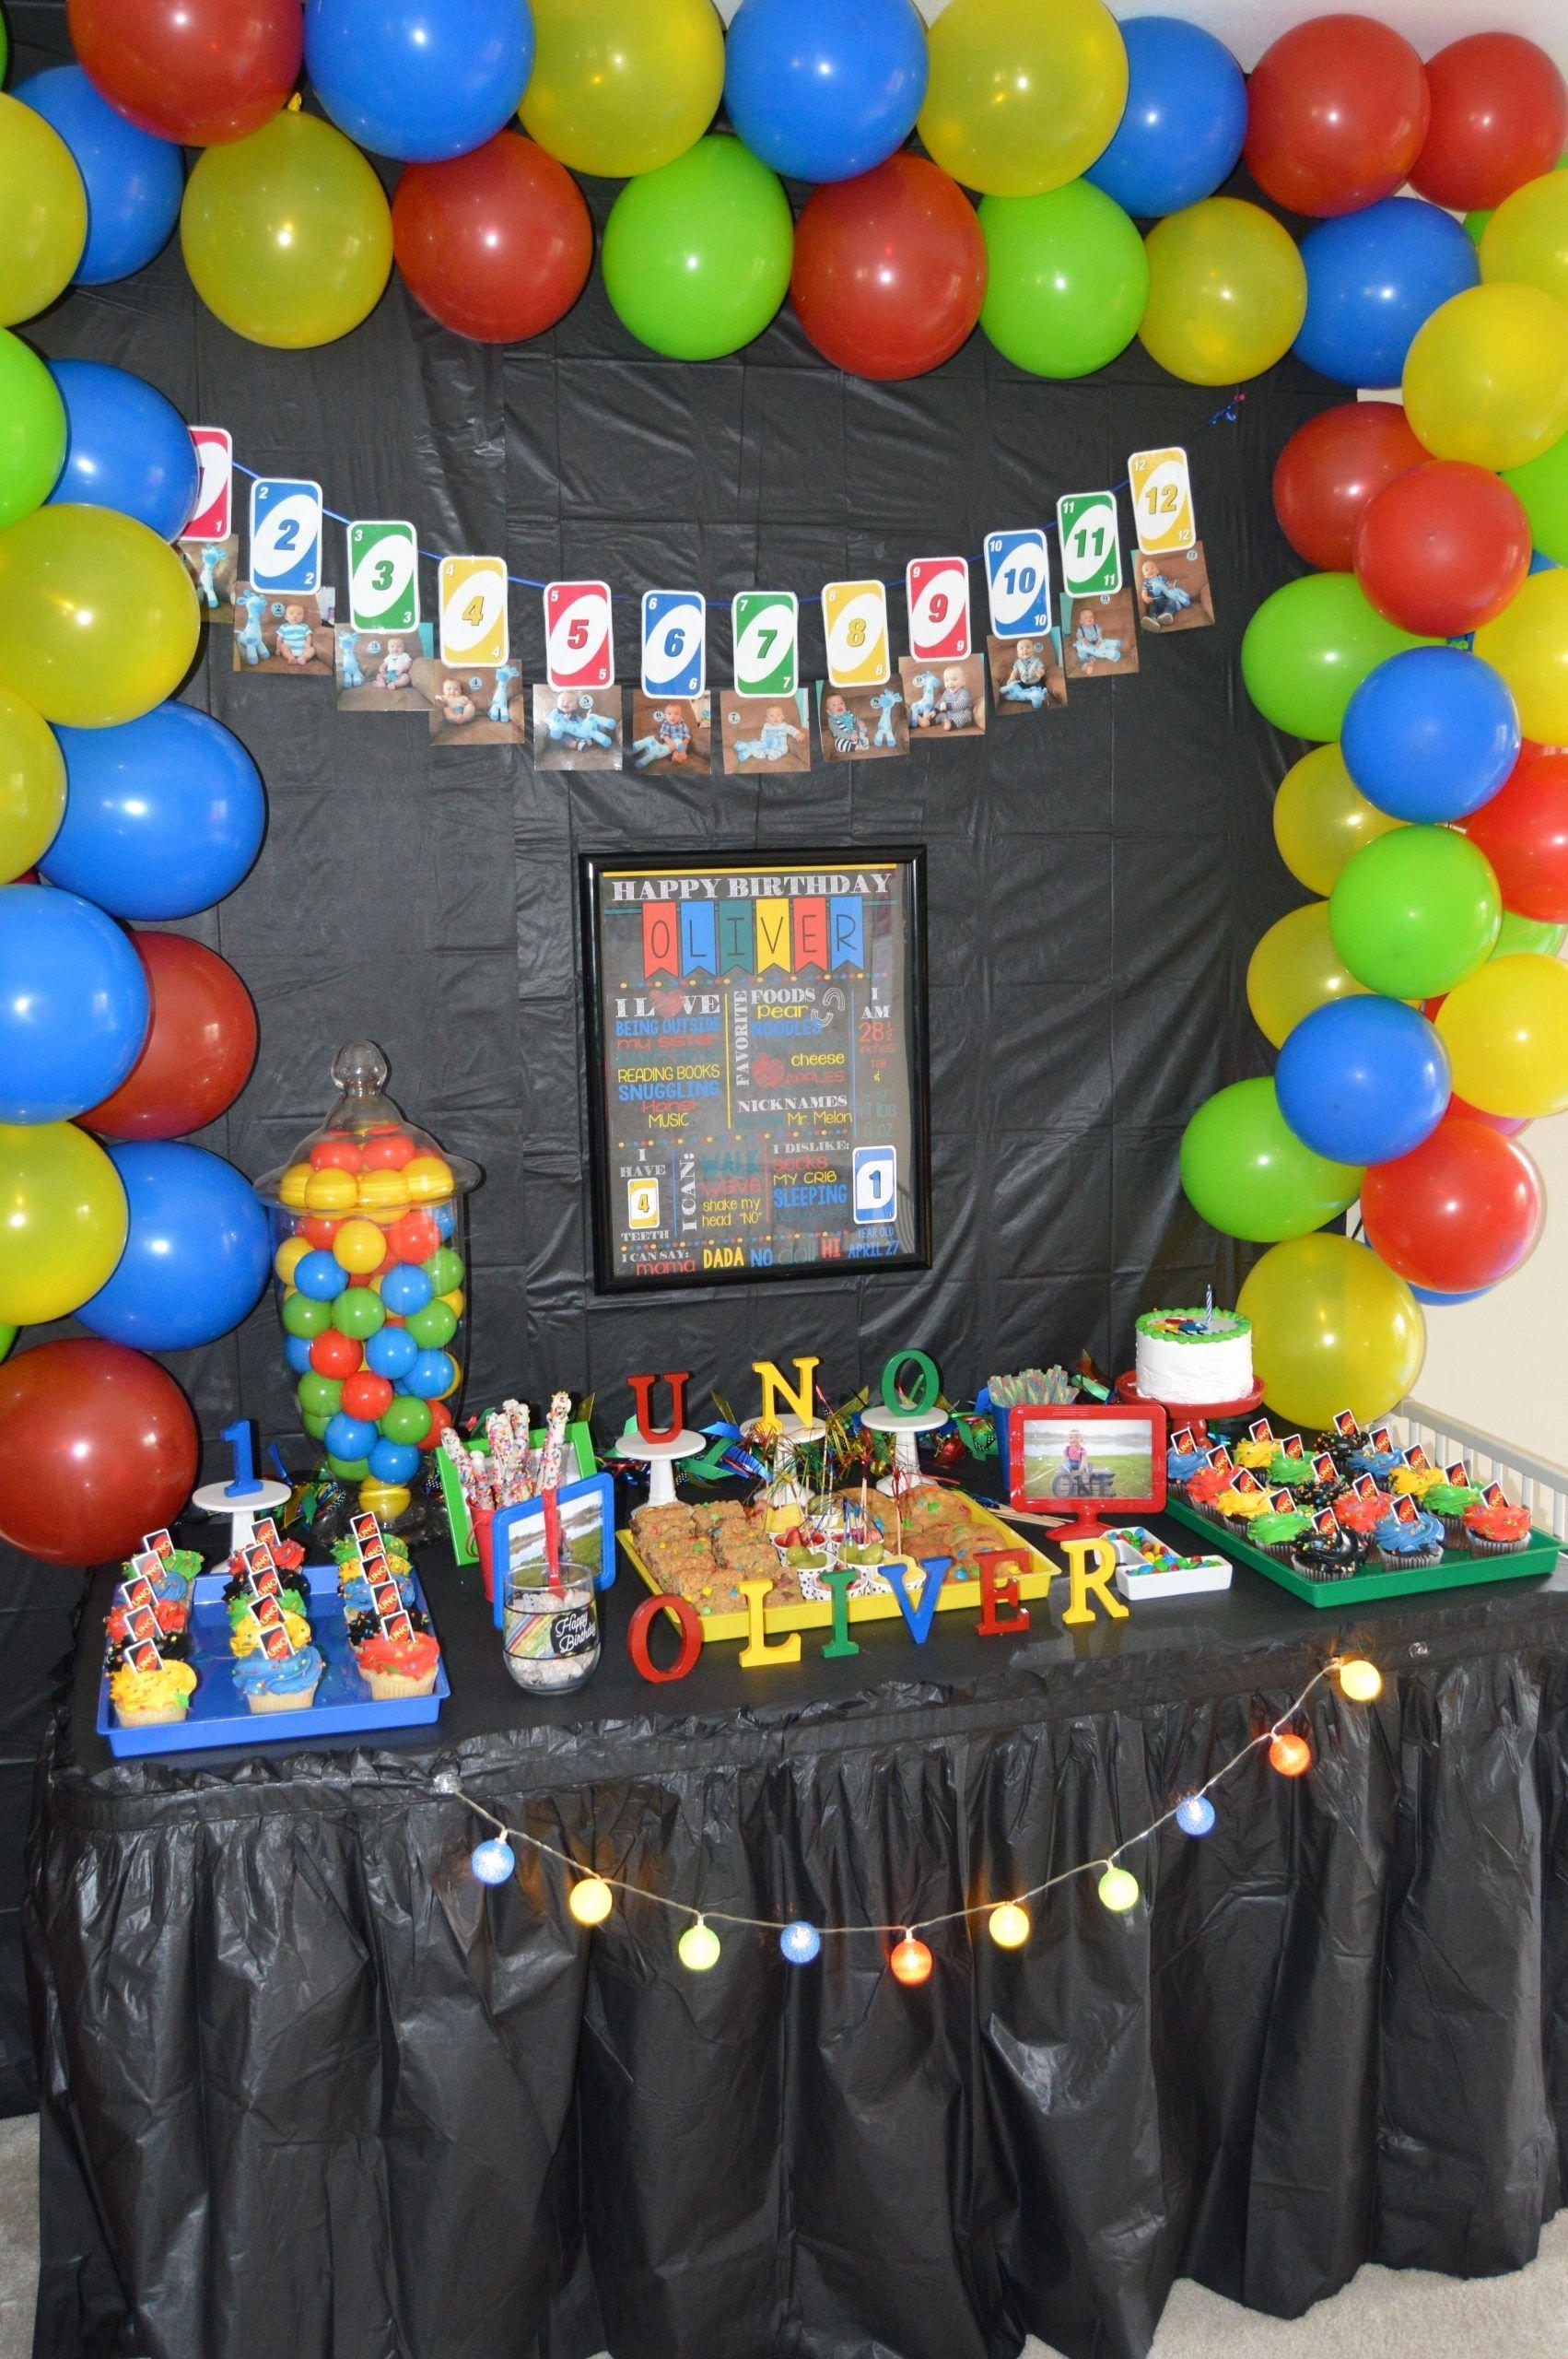 Birthday Decoration Ideas for 5 Year Old Boy Luxury 5 Year Old Boy Birthday Party Ideas Pertaining to Ideas